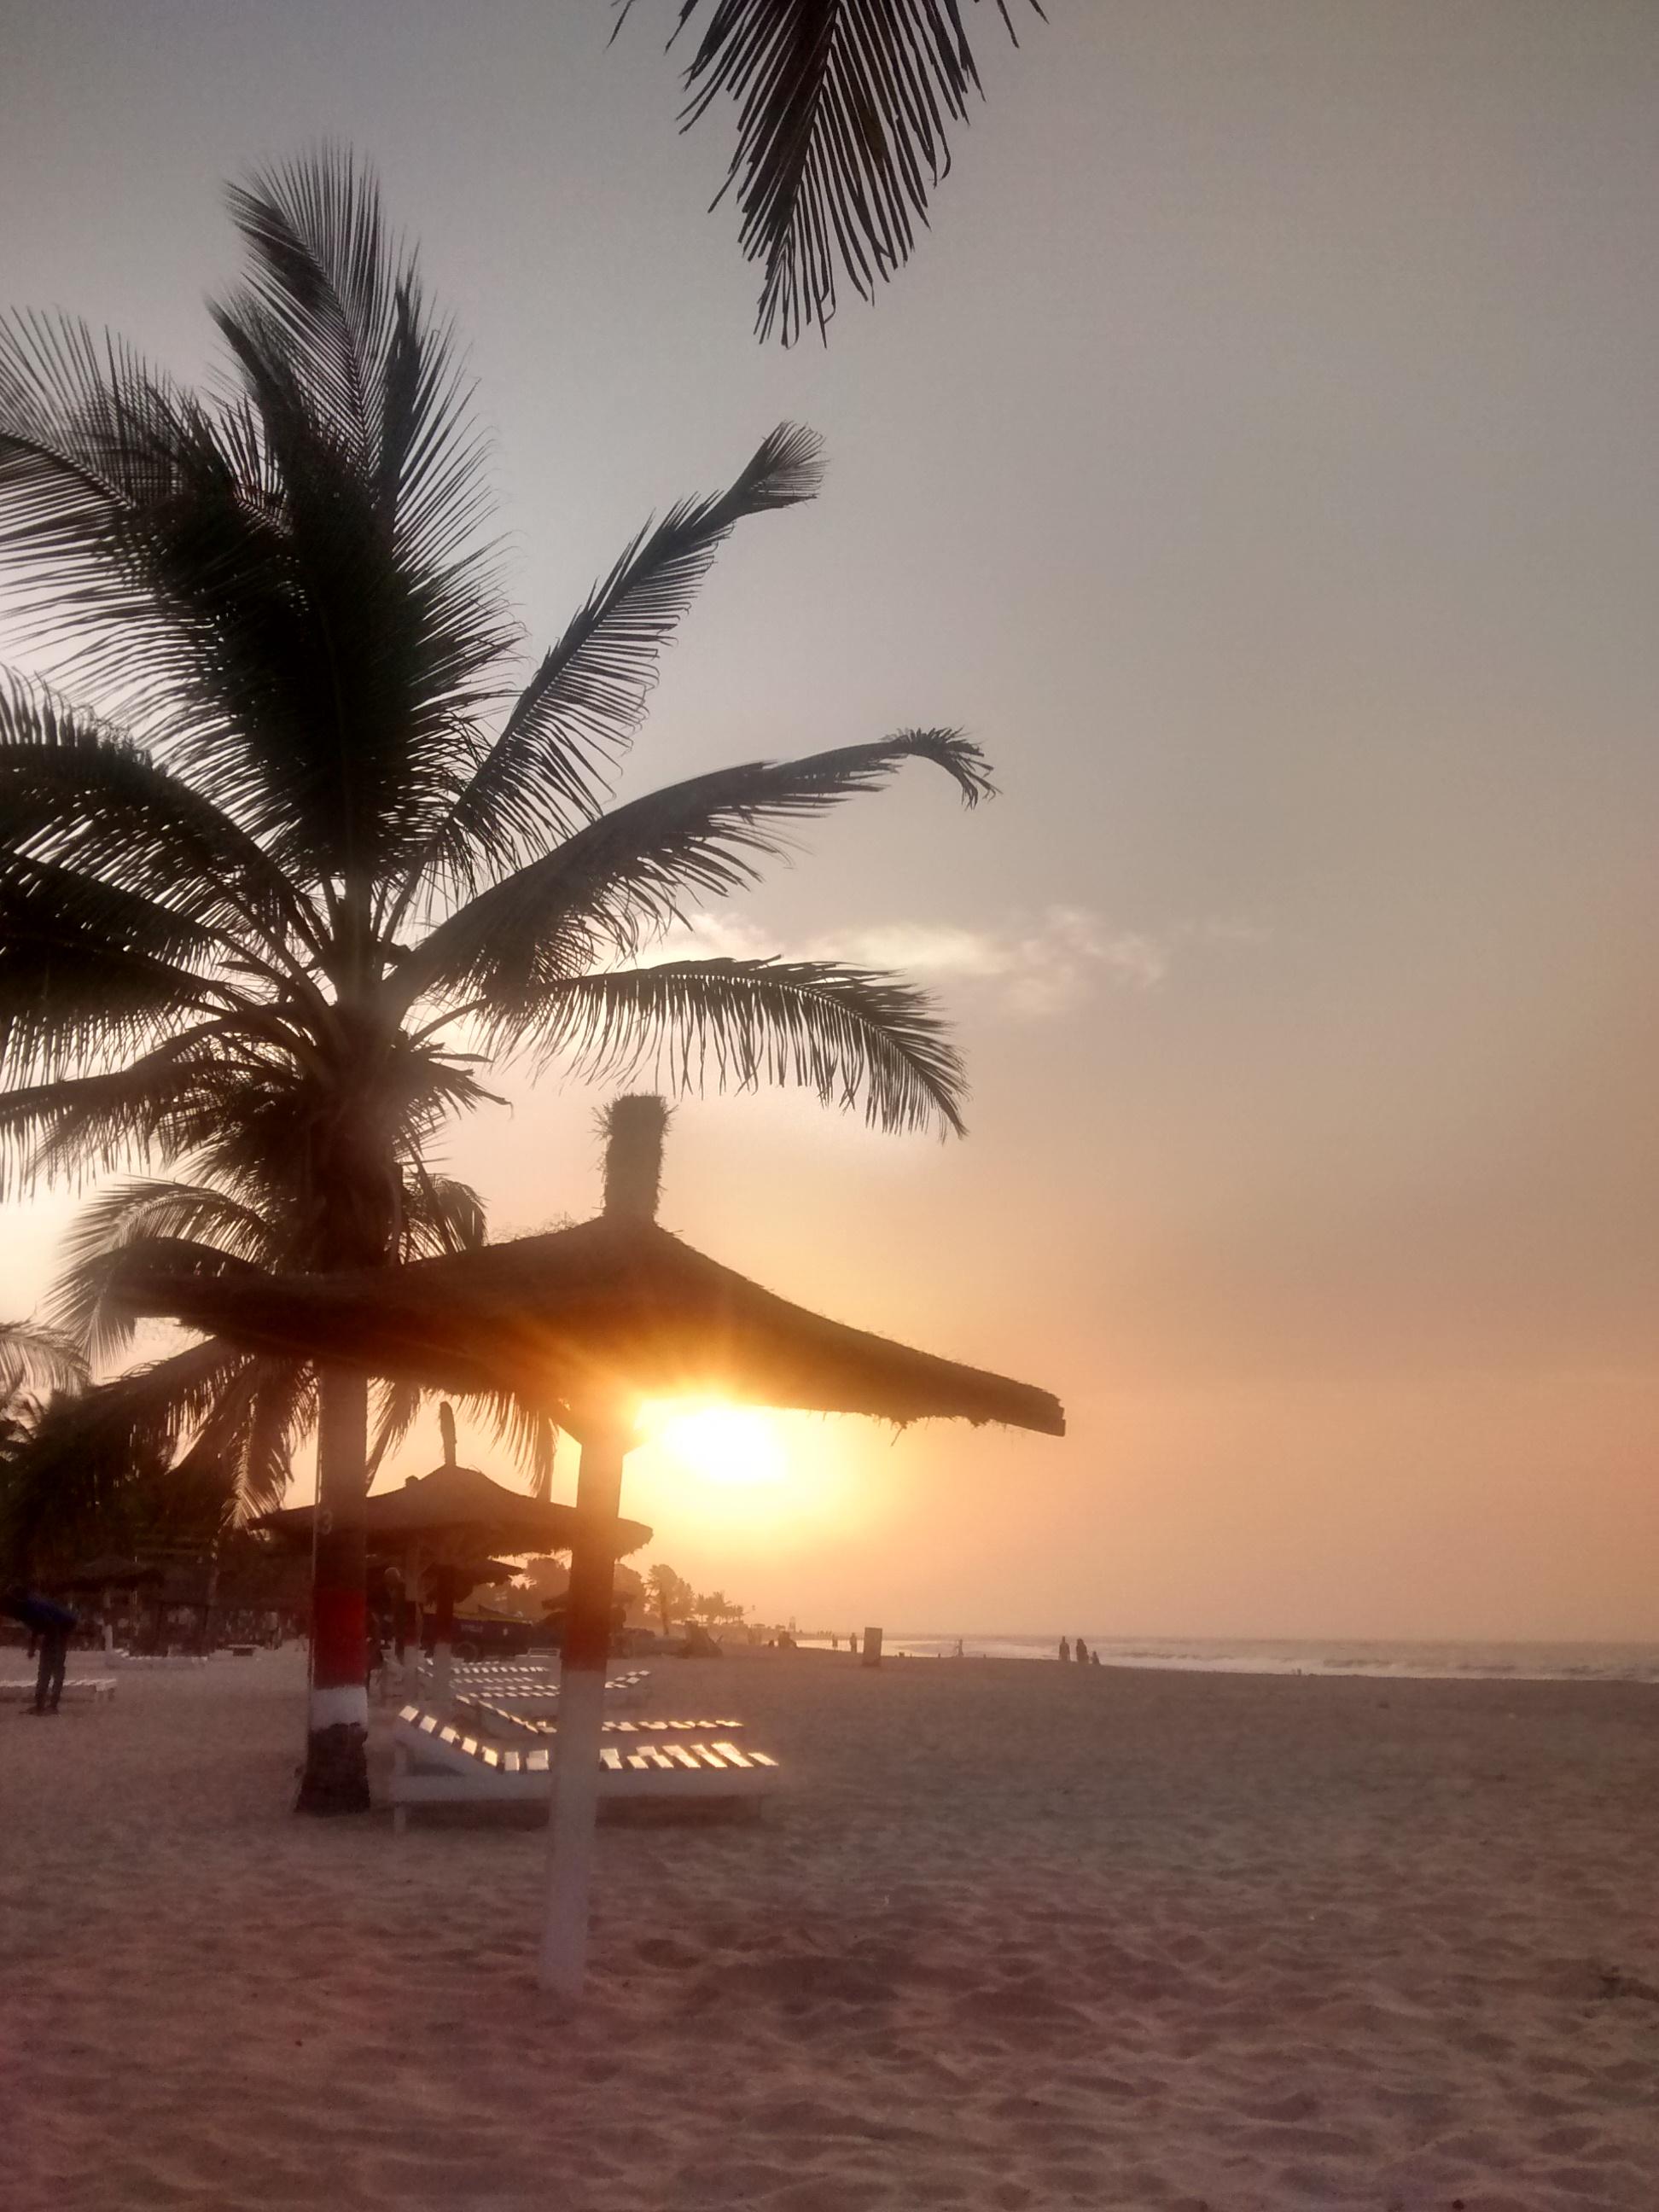 Sunset on Kotu Beach. Bye bye Gambia. Soon, yeah?